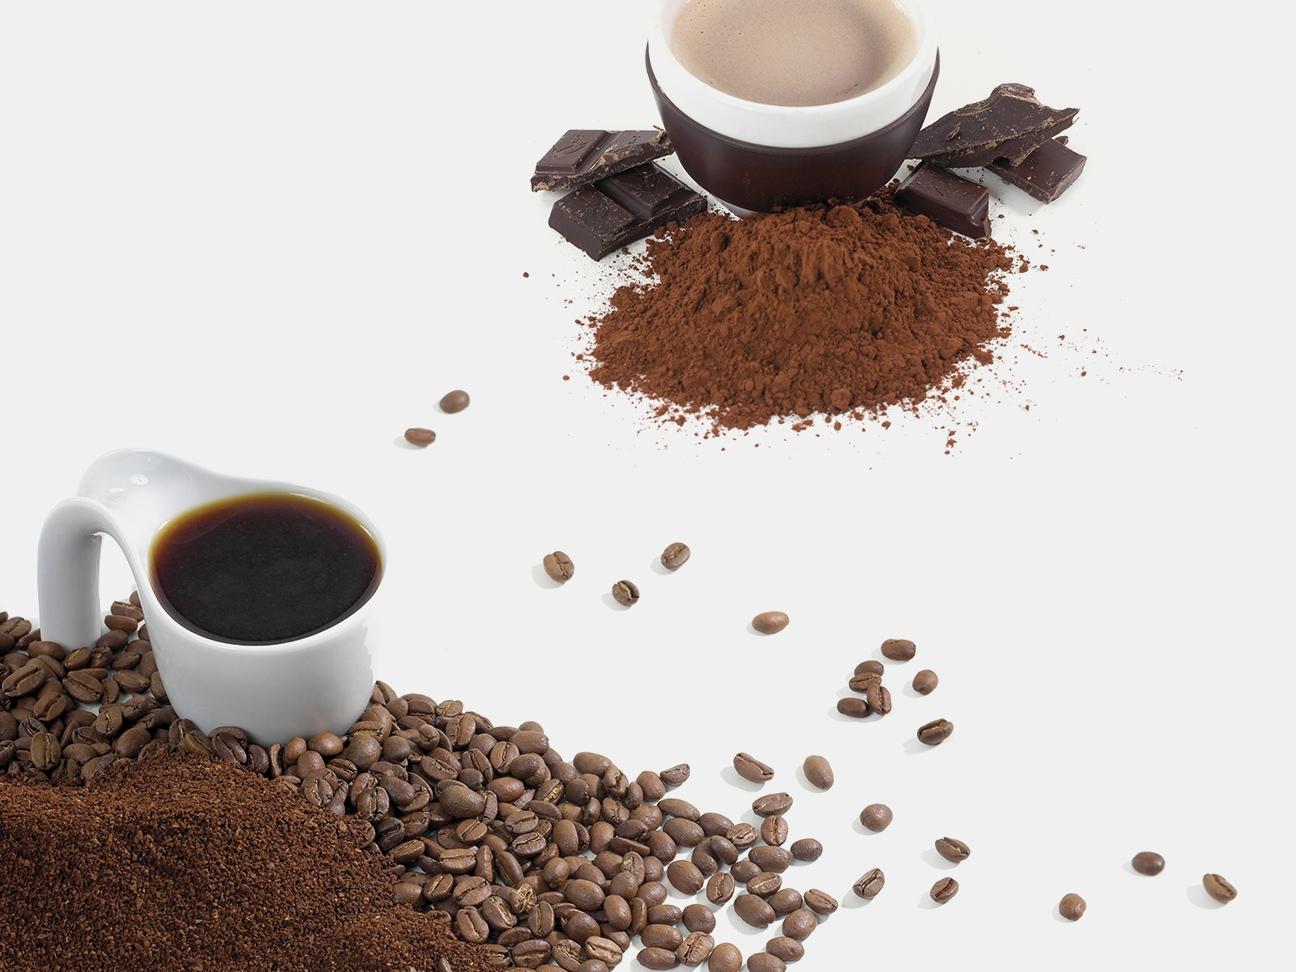 Kaffebønner, kakao og kopper. Bilde.